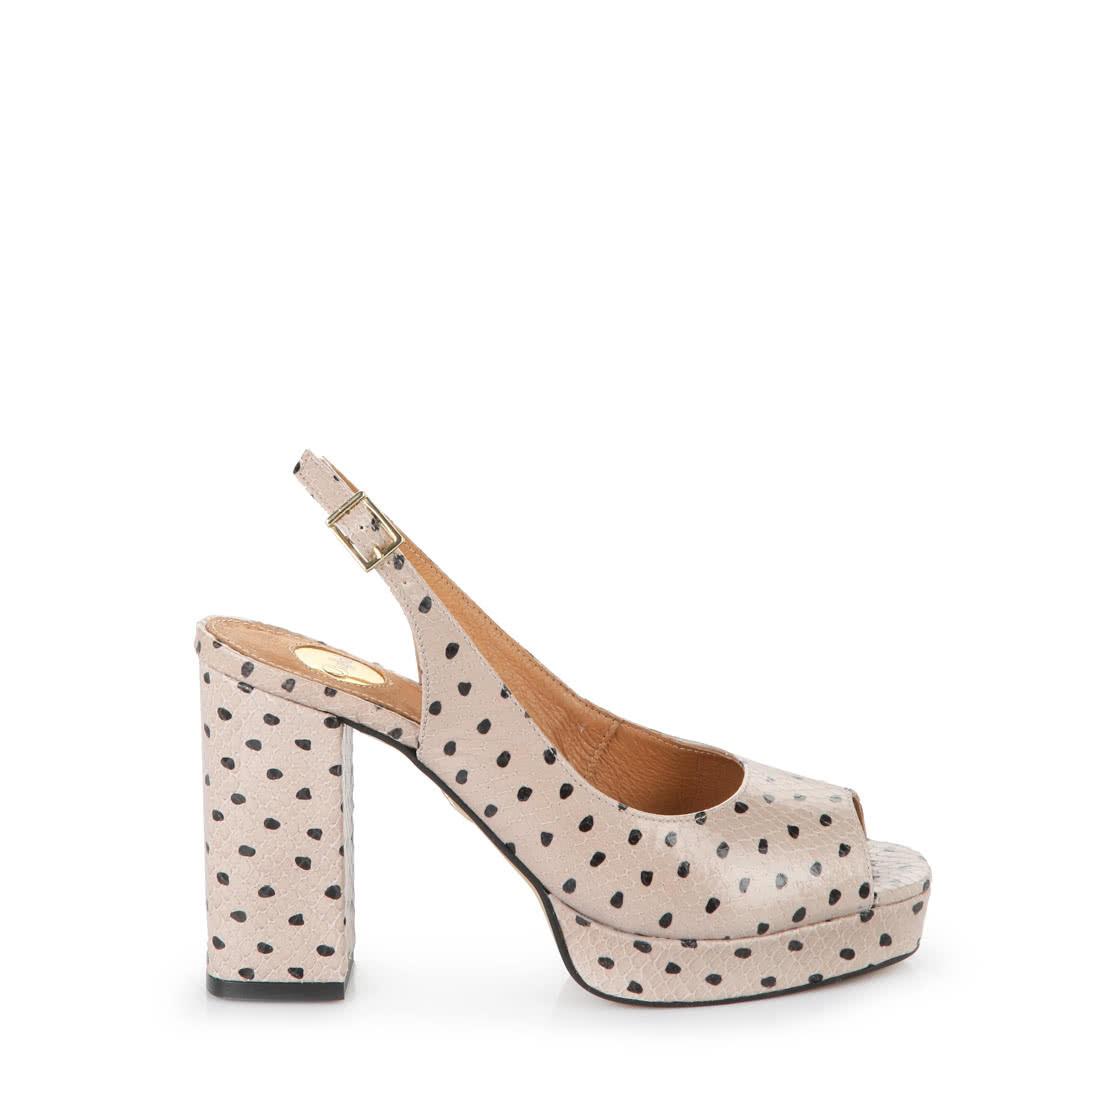 separation shoes 4387f e5435 Buffalo Plateau-Sandalette in beige in Reptil-Optik online ...